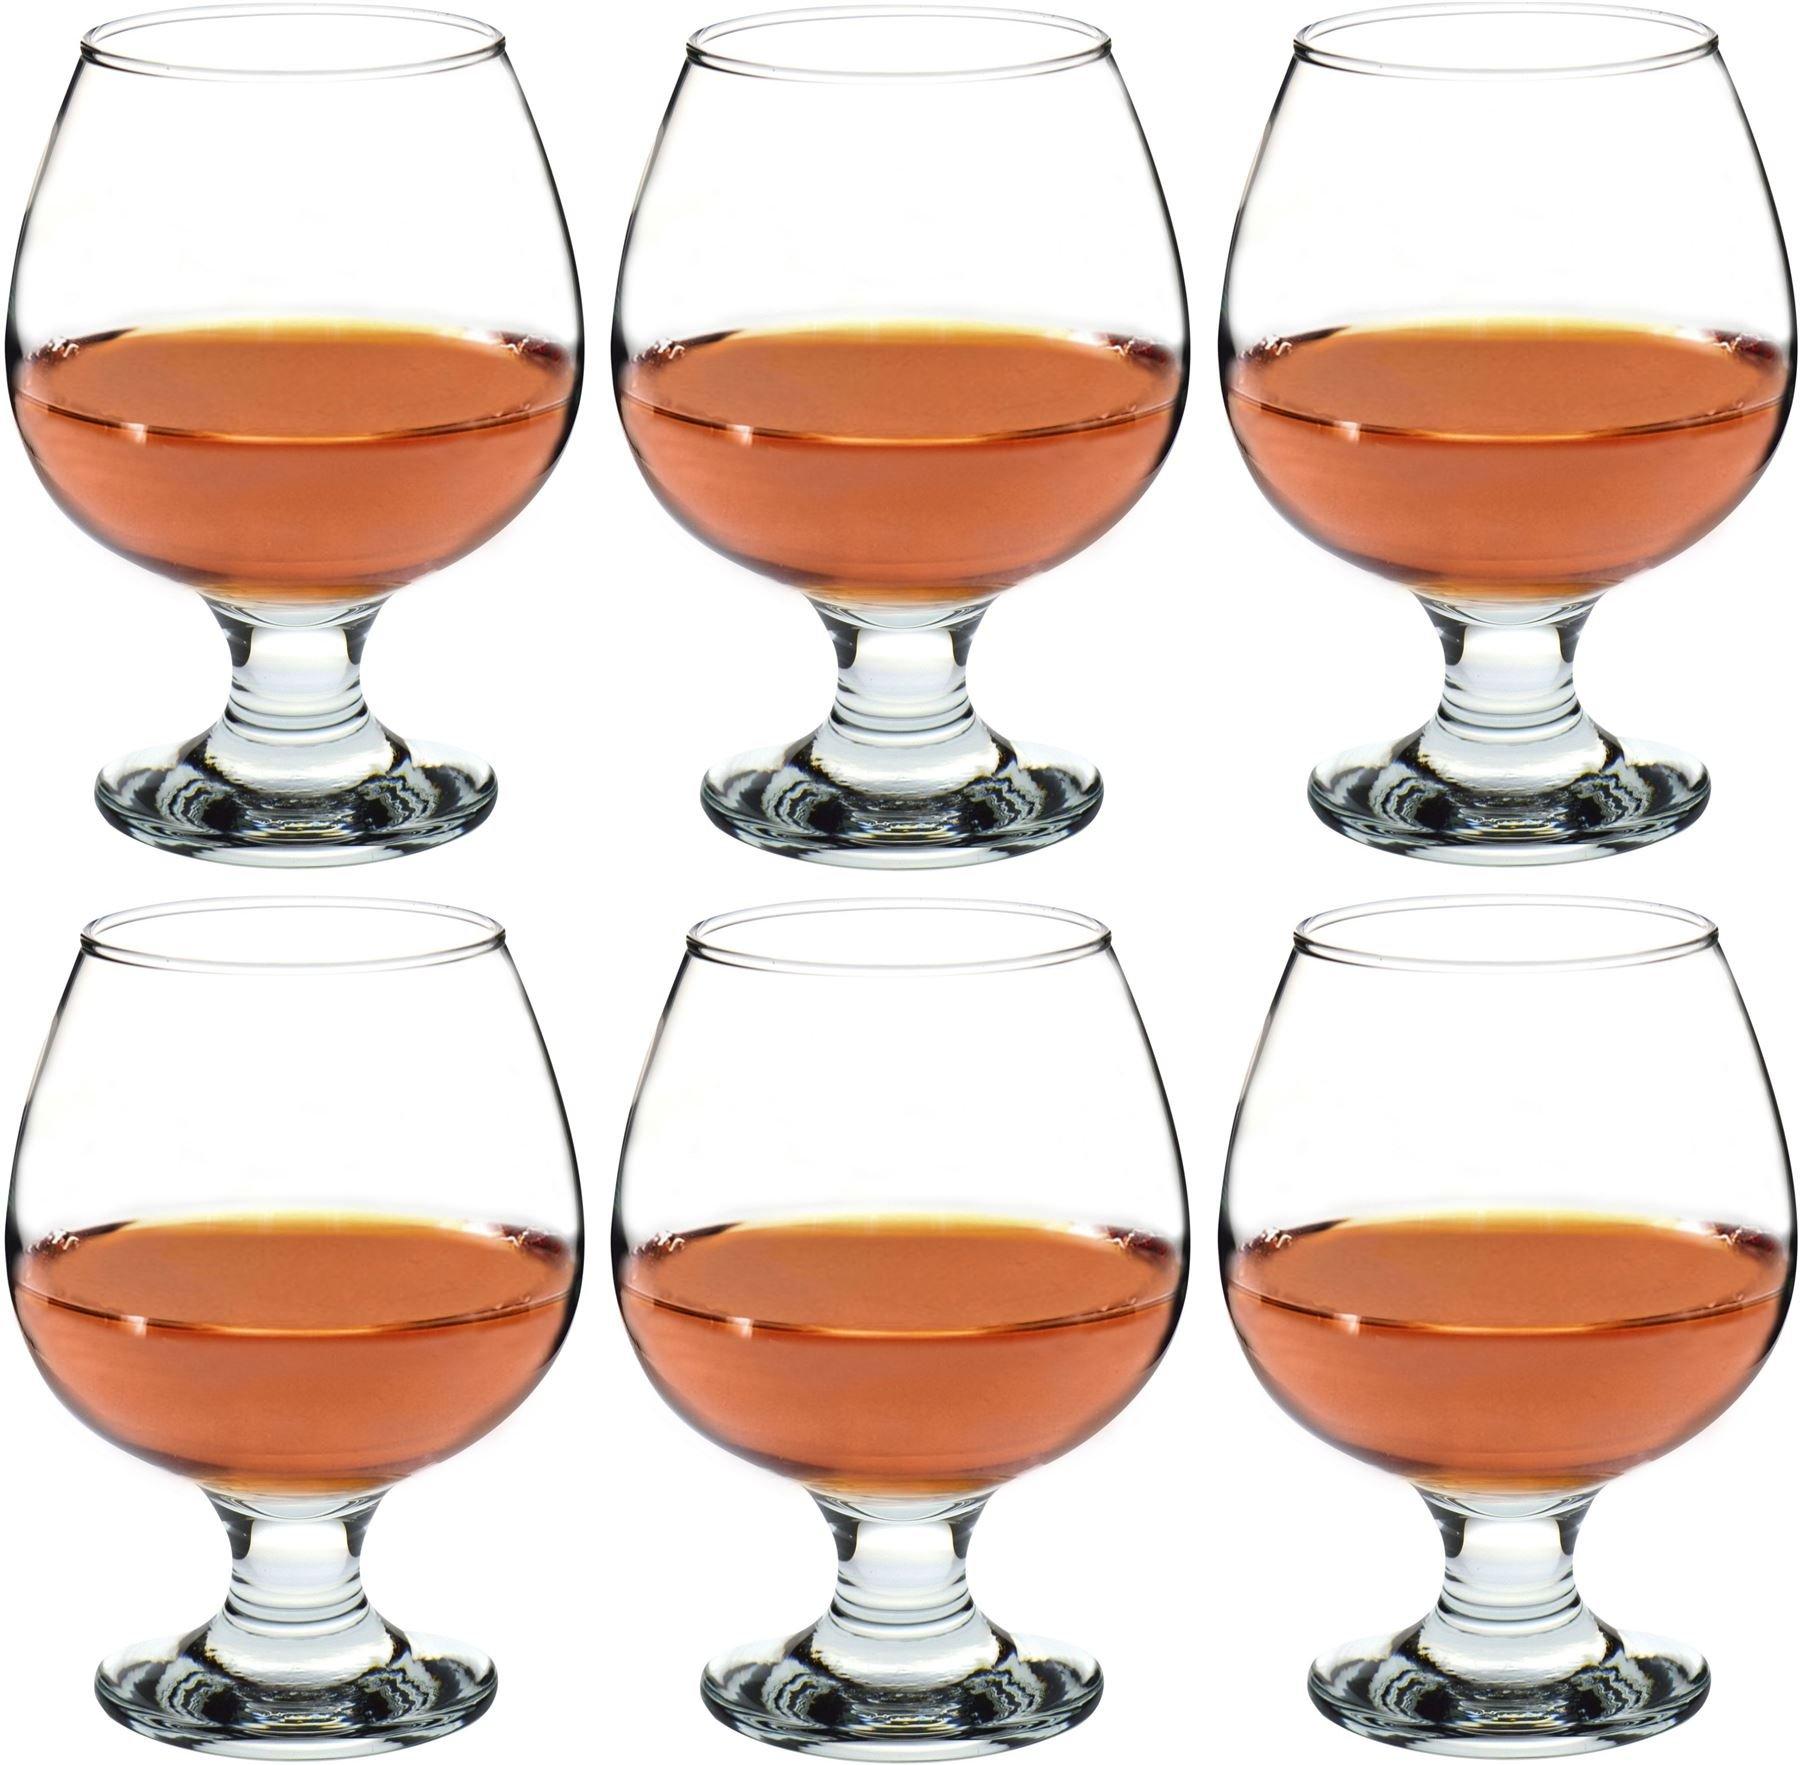 Argon Tableware Brandy / Cognac Snifter Glasses - 390ml (13.7oz) - Pack Of 6 Glasses